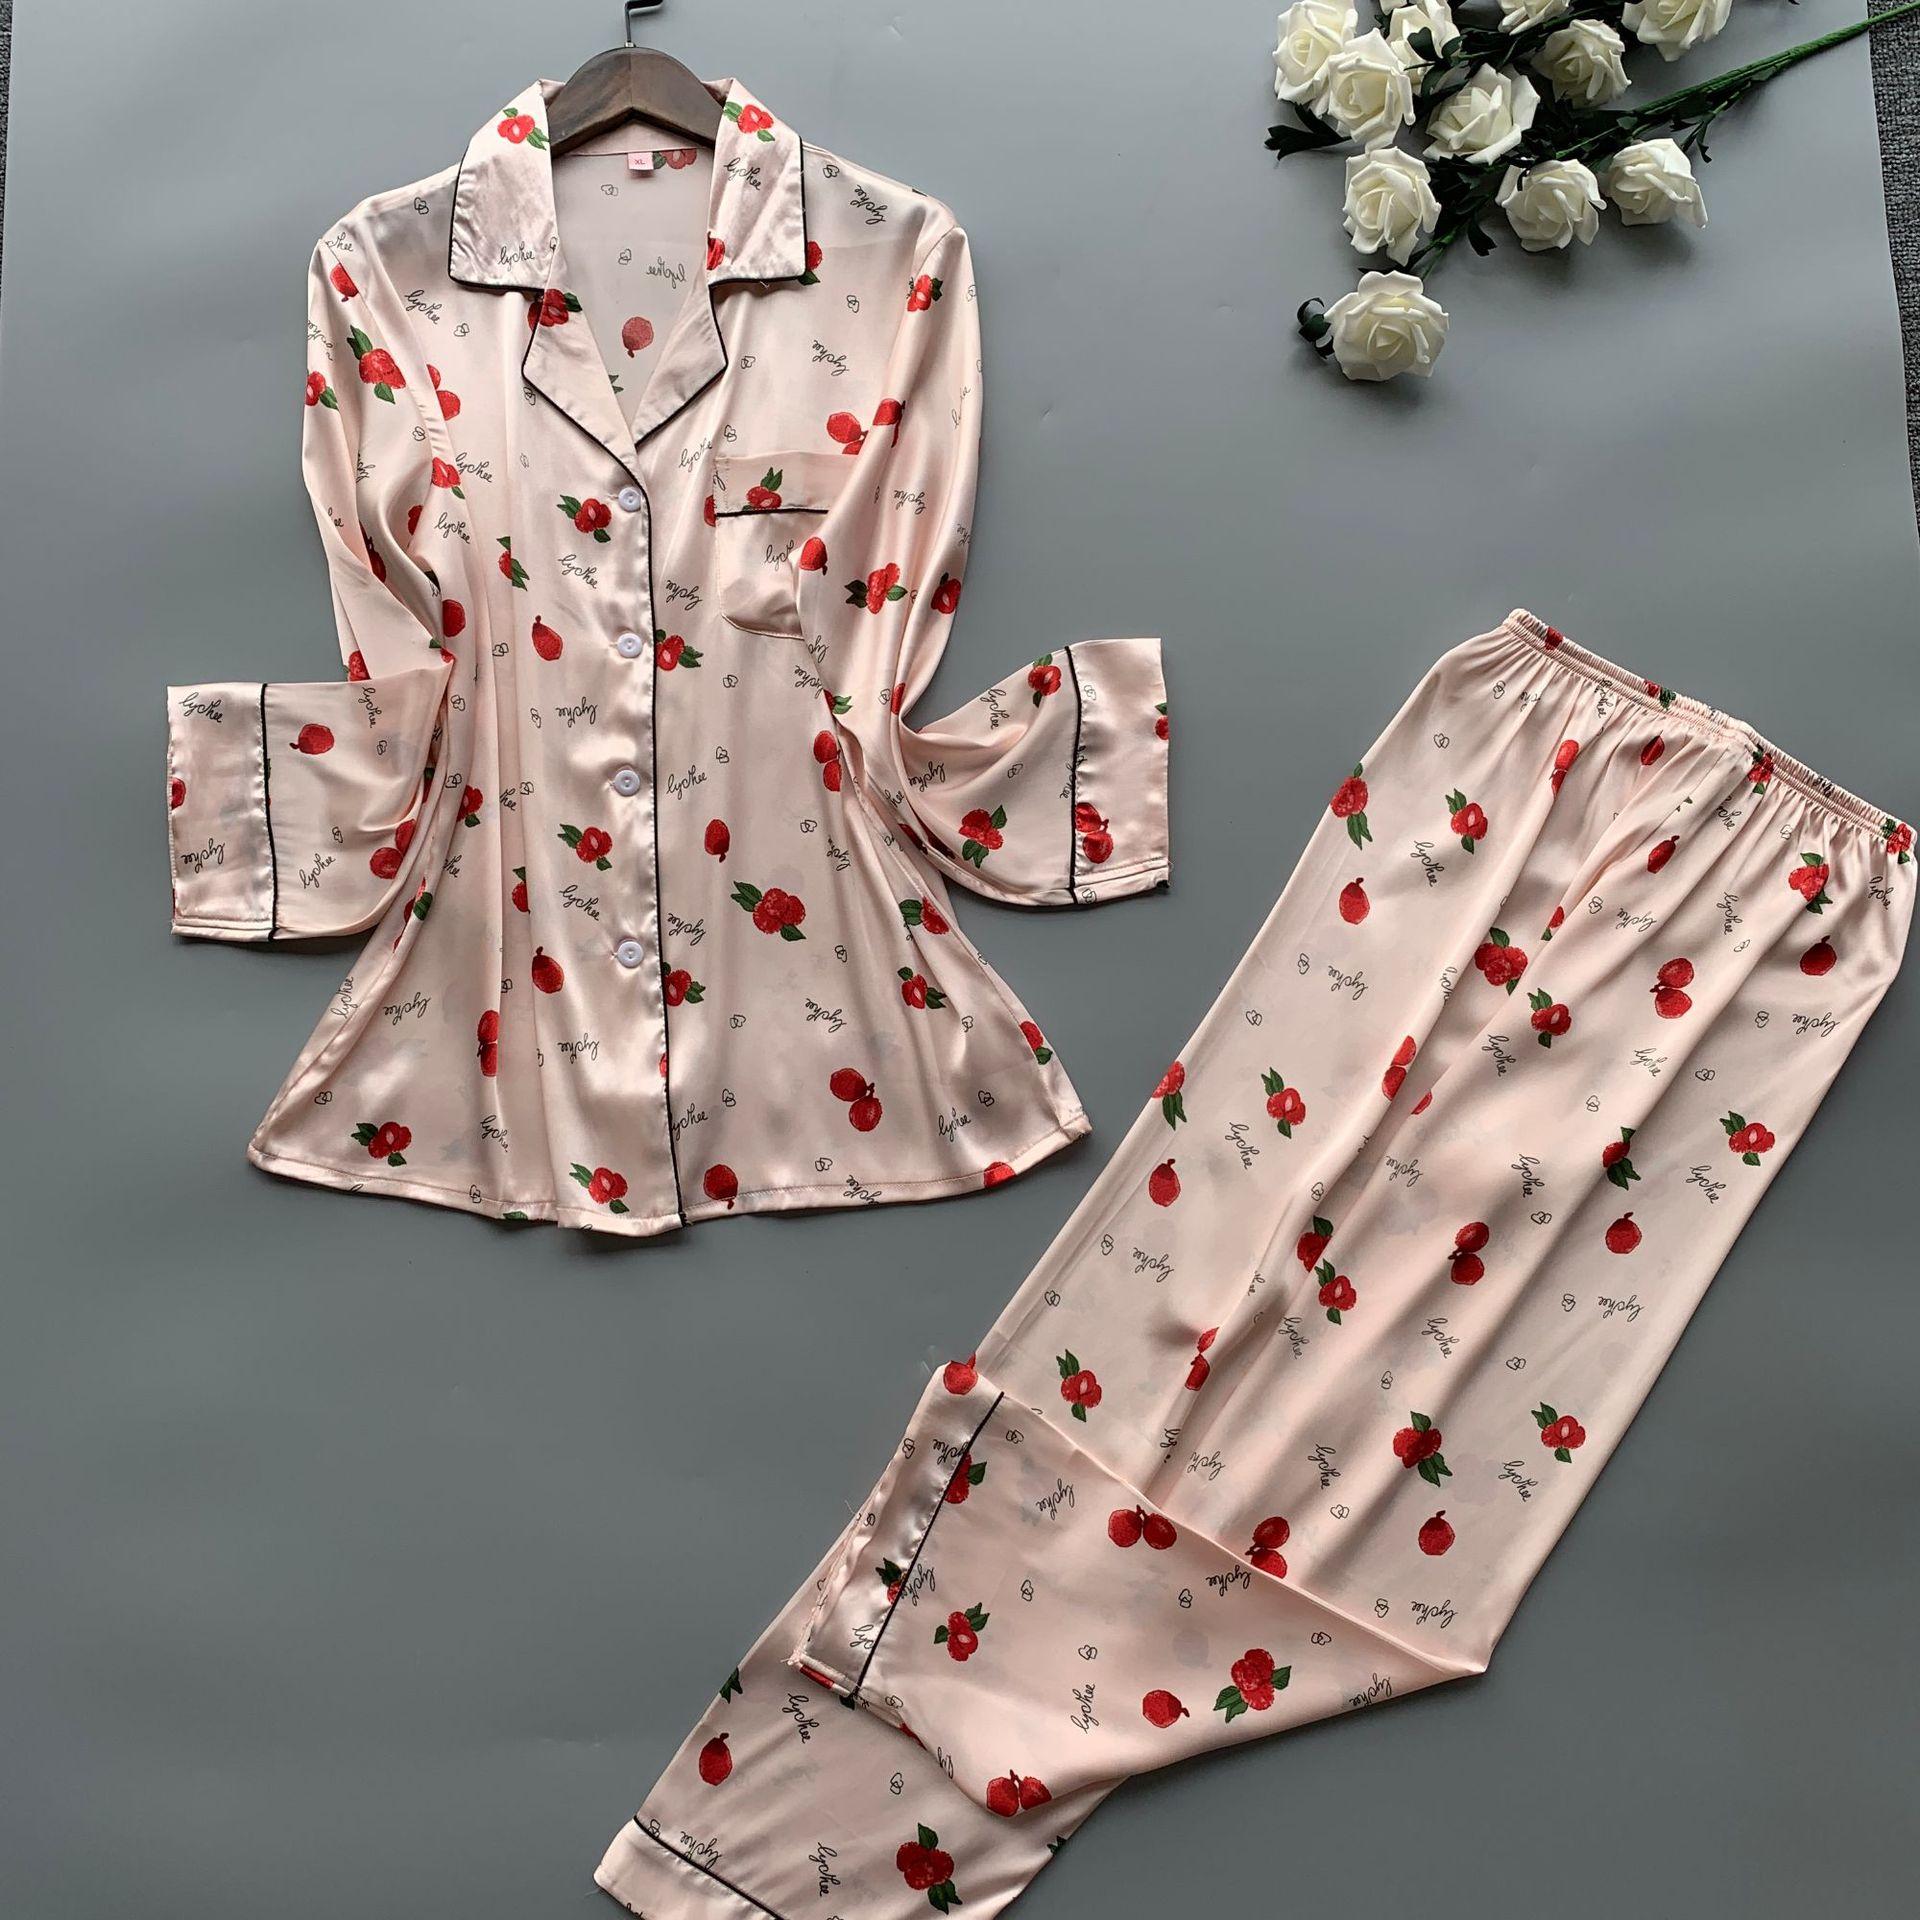 Image 4 - 2019 Satin Pyjamas Women Pajamas Sets with Pants 2019 Flower Print Long Sleeve Silk Sleepwear Pijama Mujer Female NightsuitPajama Sets   -